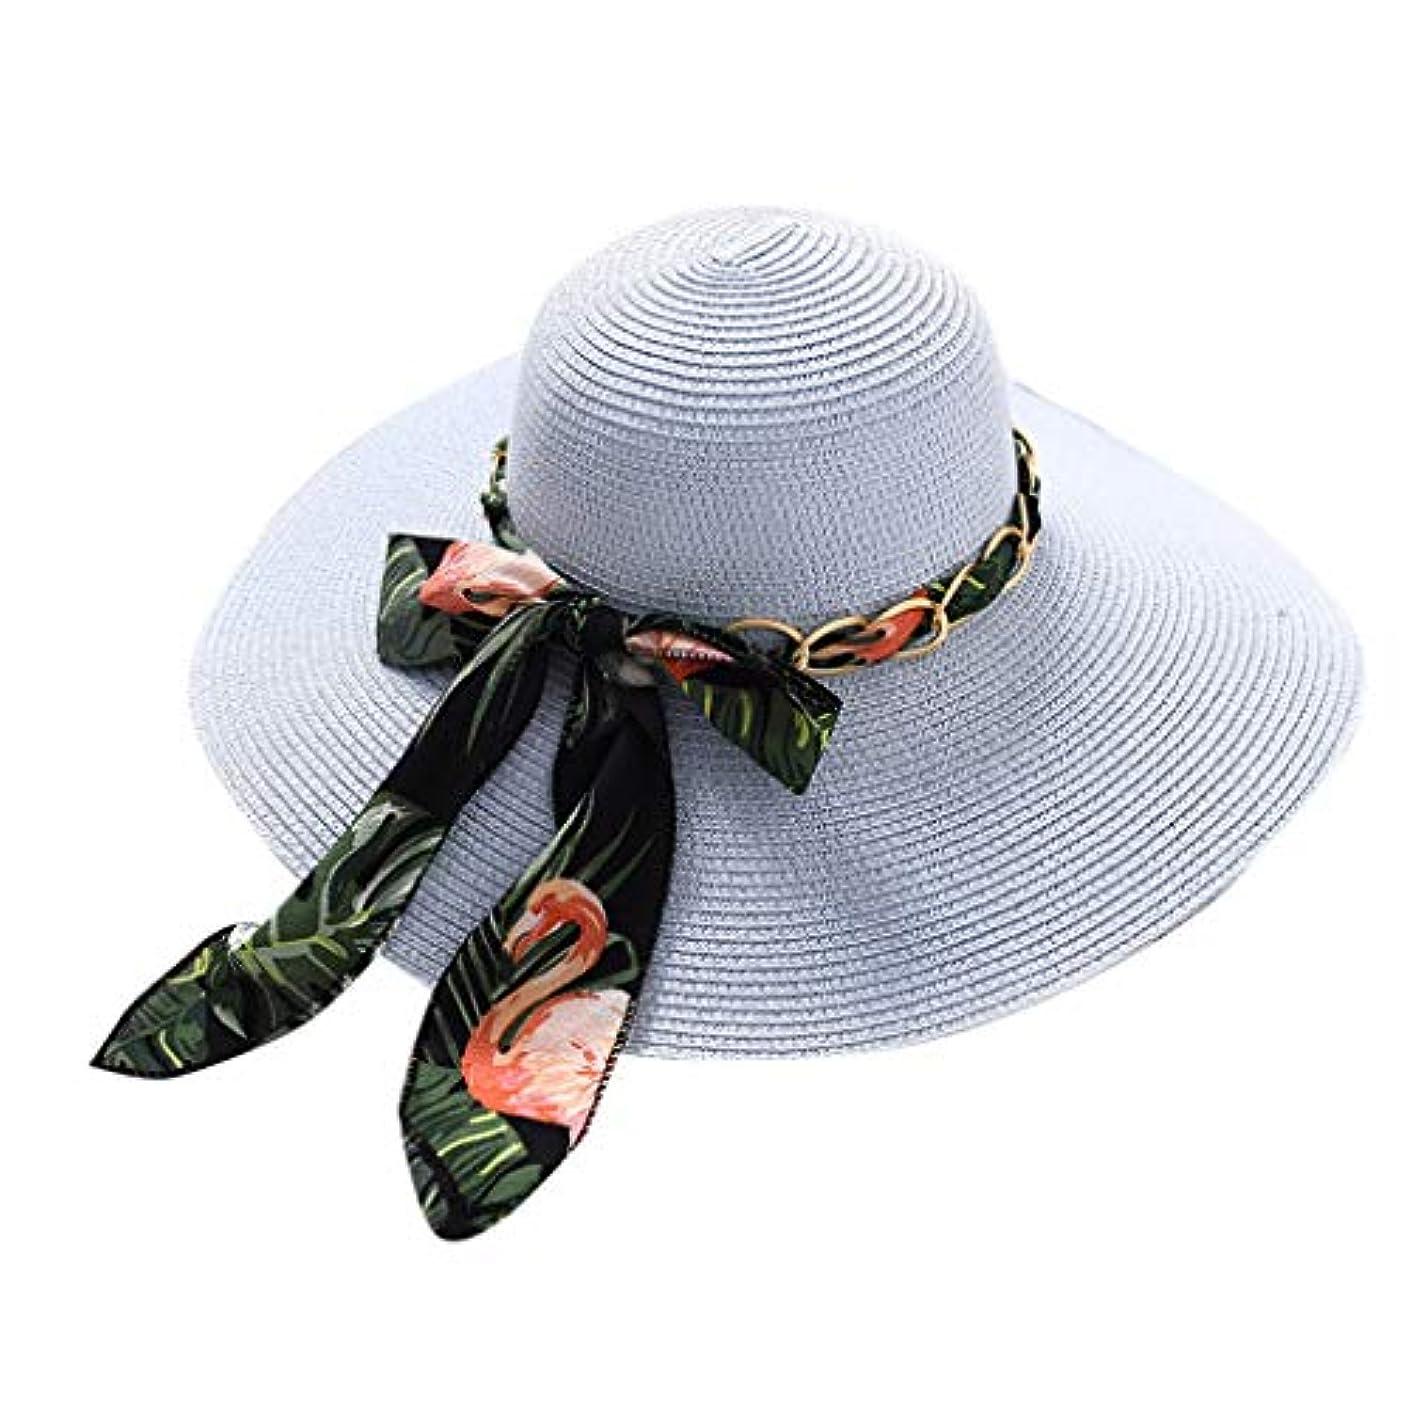 吸収する警察お祝いファッション小物 夏 帽子 レディース UVカット 帽子 ハット レディース 紫外線対策 日焼け防止 取り外すあご紐 つば広 おしゃれ 可愛い 夏季 折りたたみ サイズ調節可 旅行 女優帽 小顔効果抜群 ROSE ROMAN